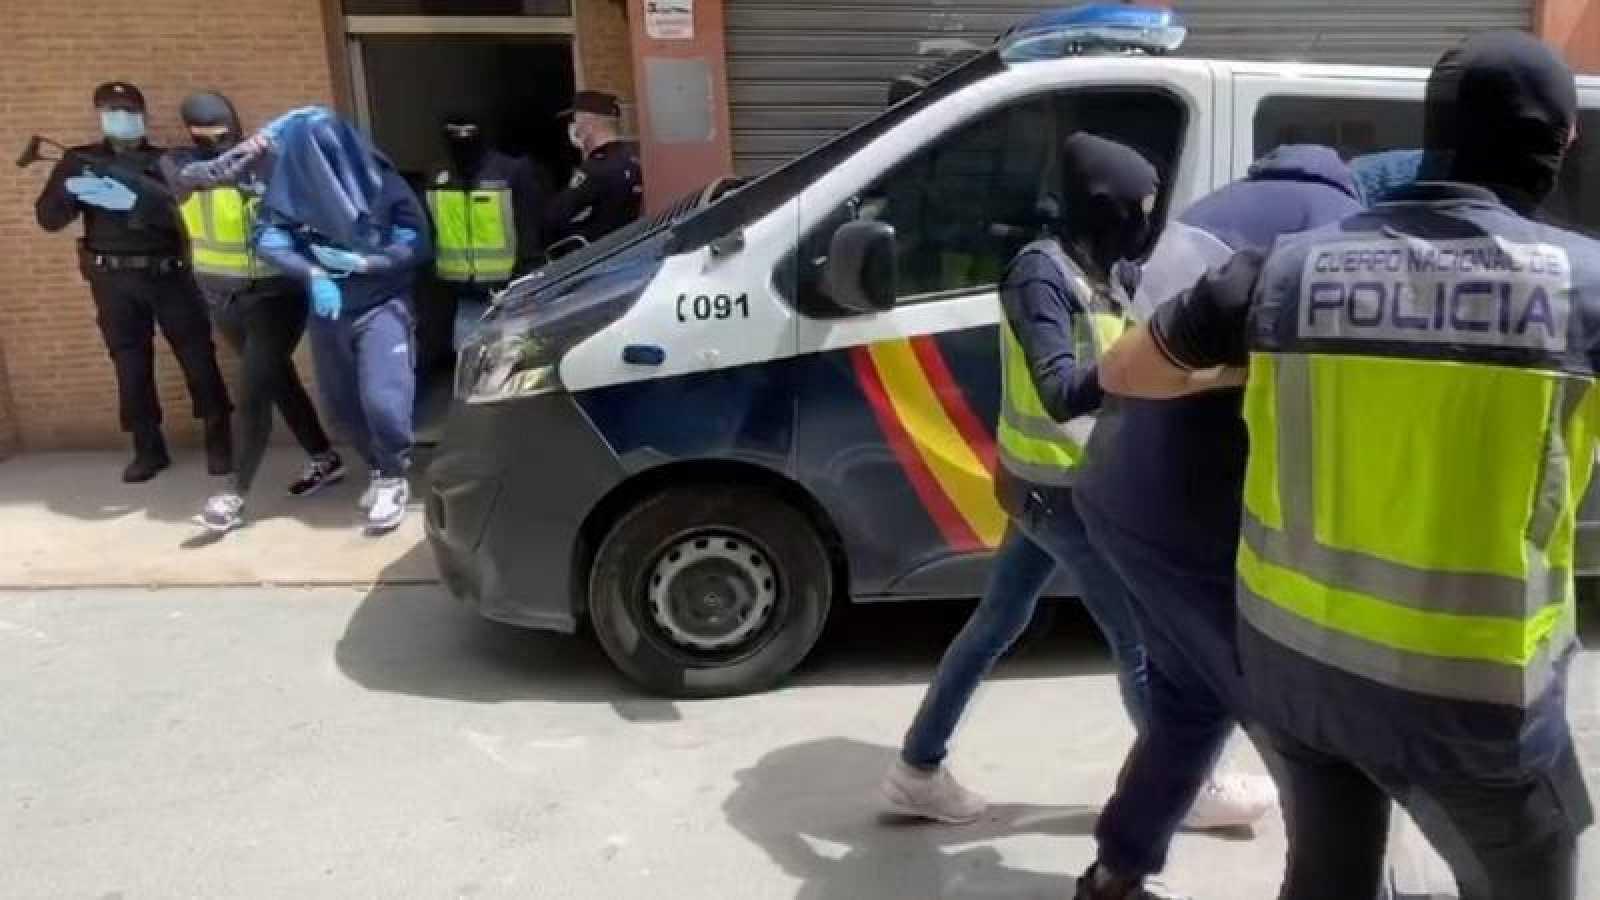 Miembros de la Policía Nacional detienen en Almería a uno de los terrroristas del Daesh más buscados de Europa.